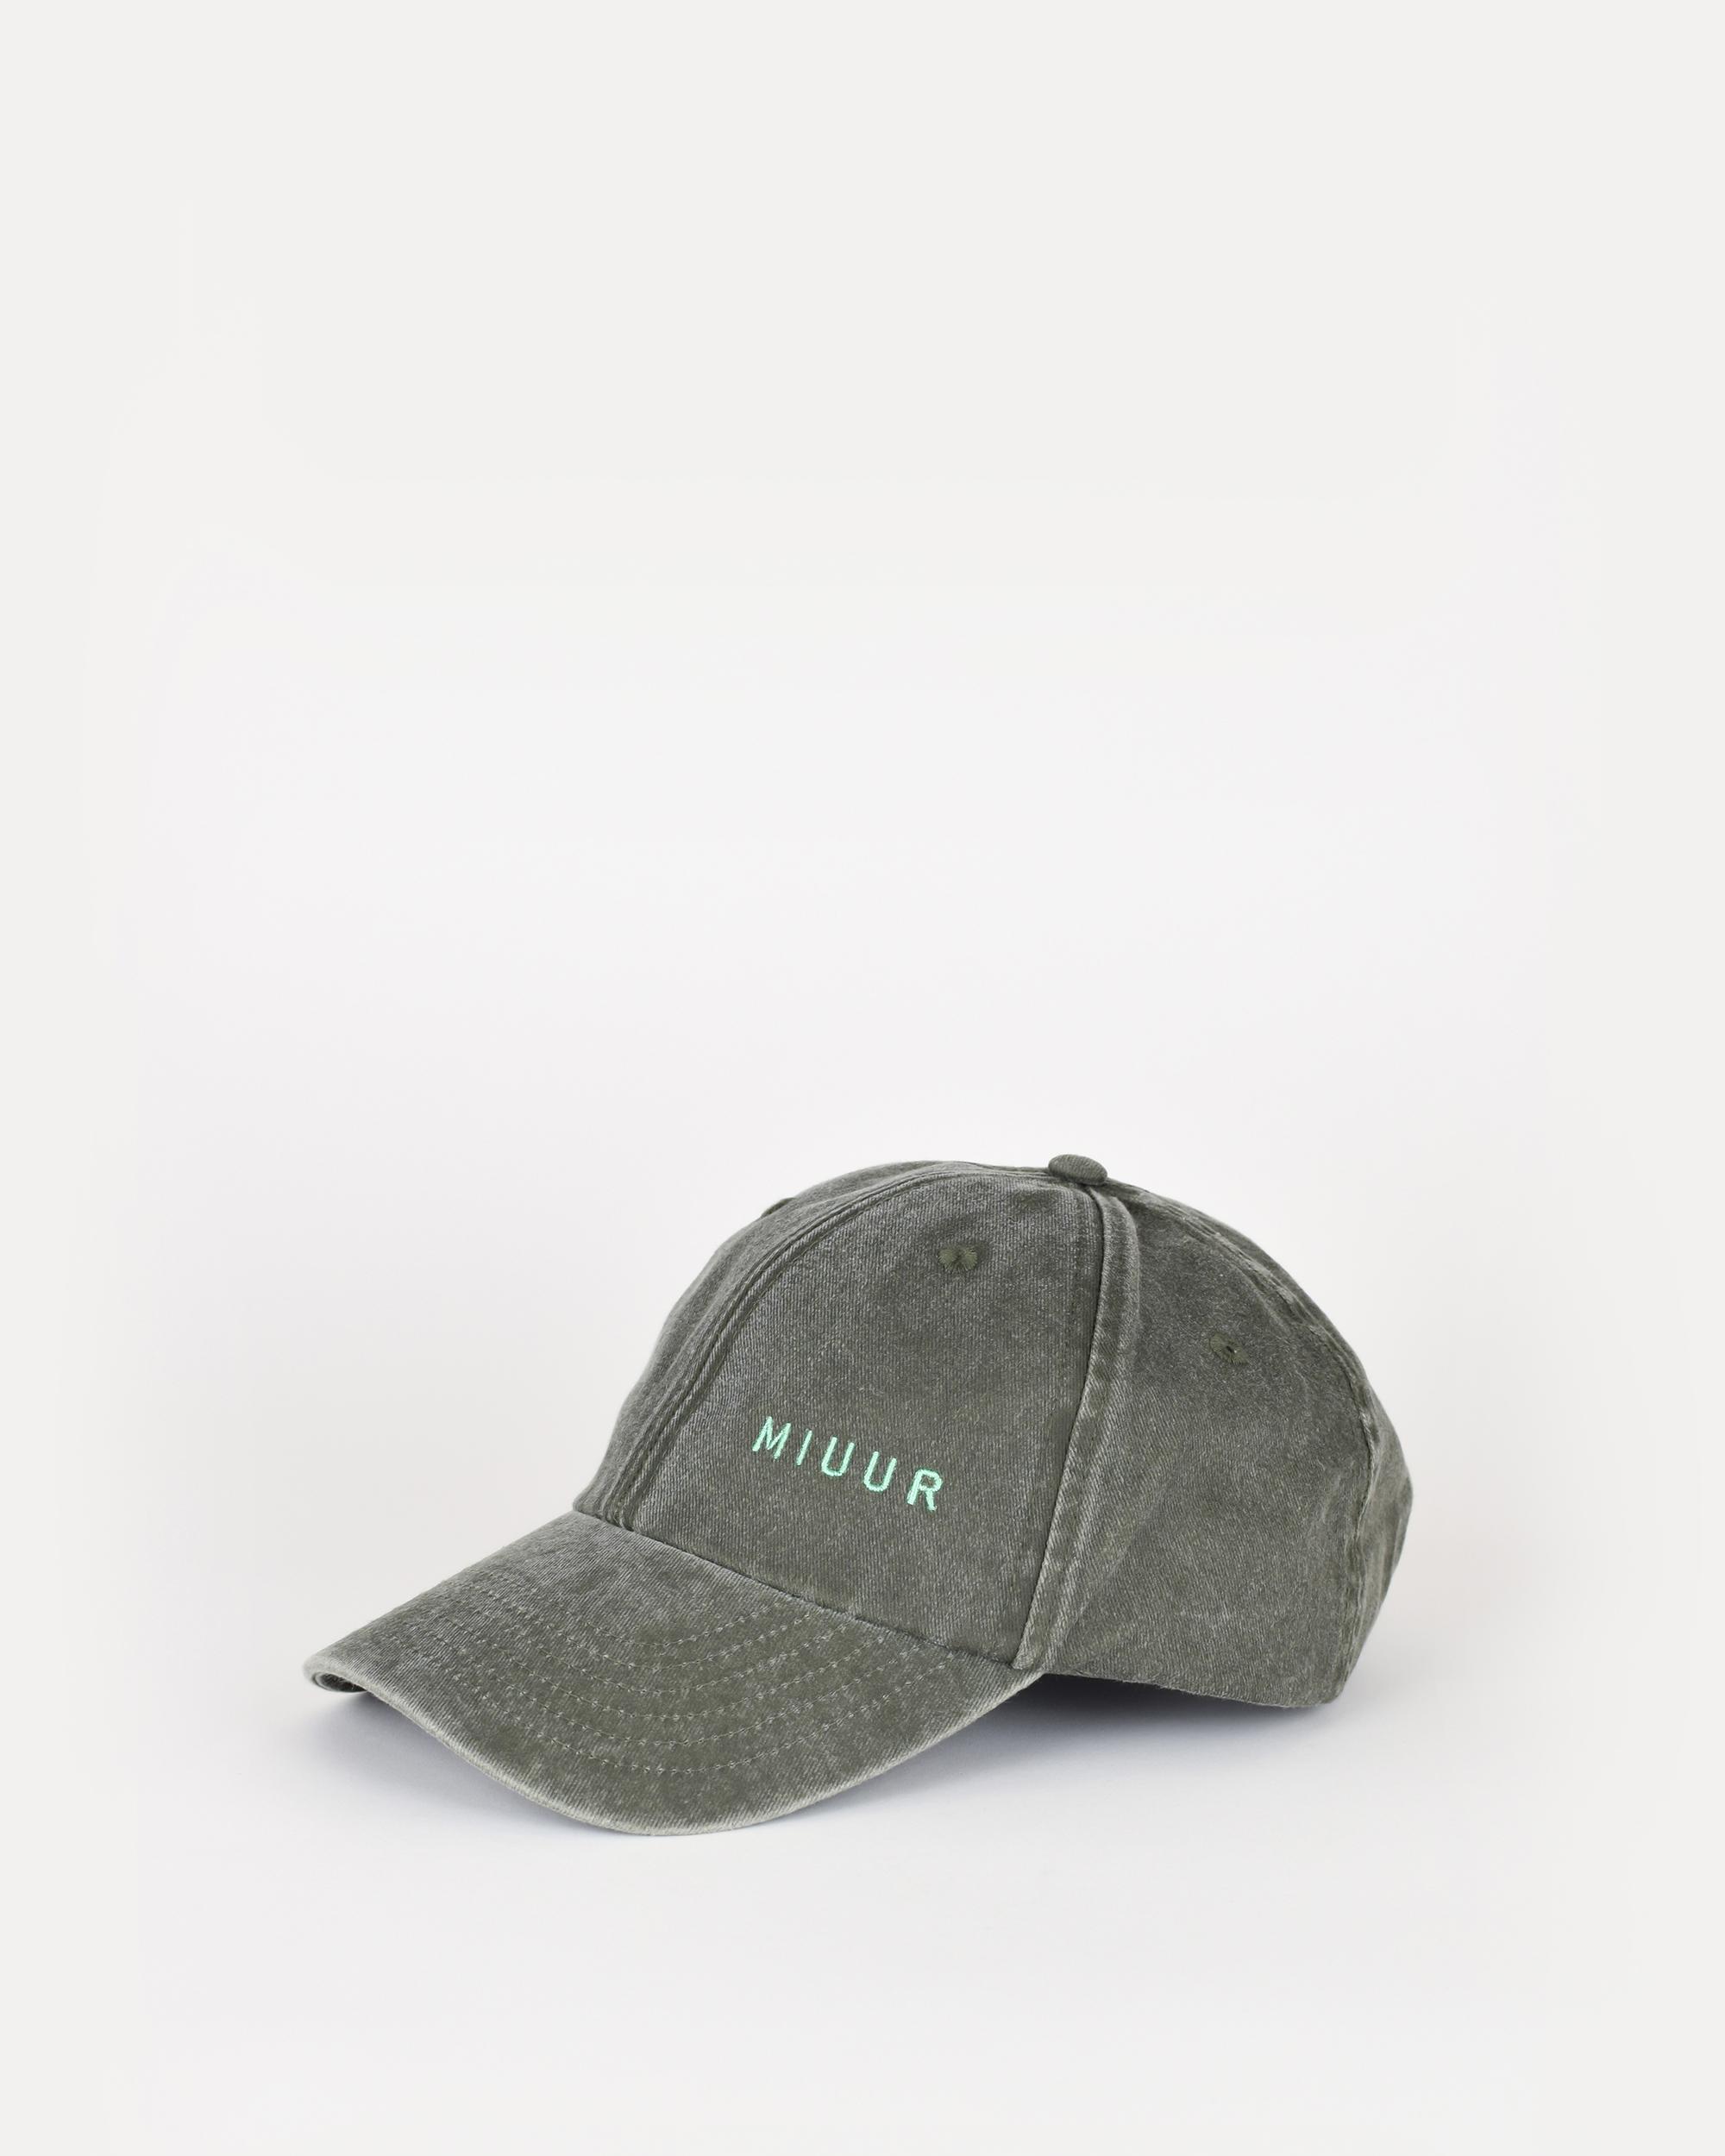 miuur cap green side